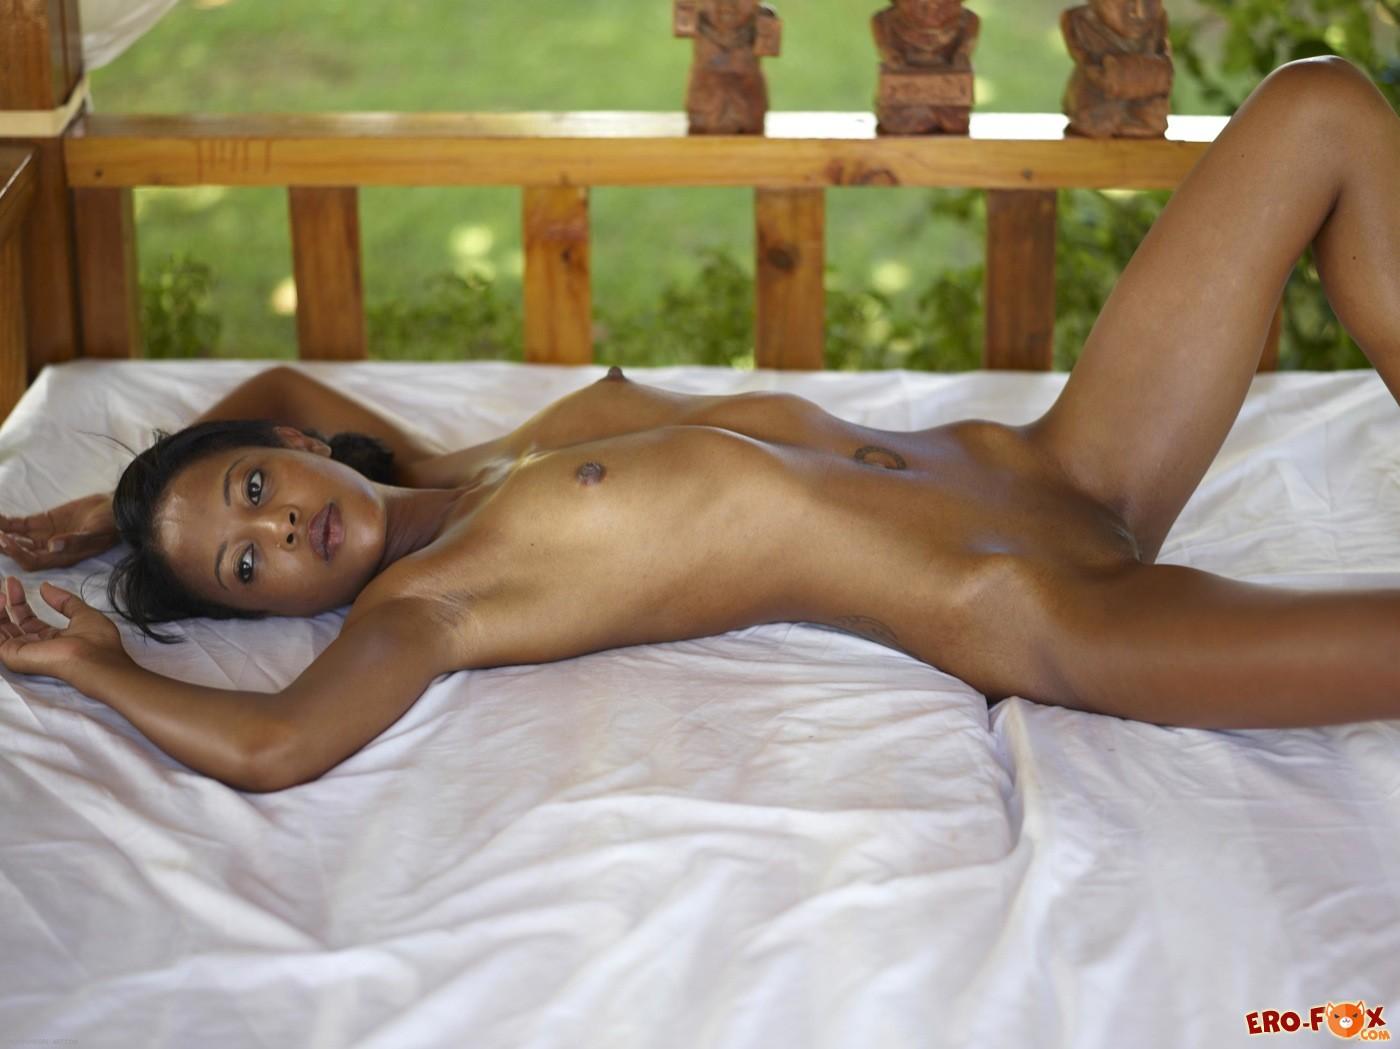 Голая худая негритянка с плоскими сиськами в постели - фото